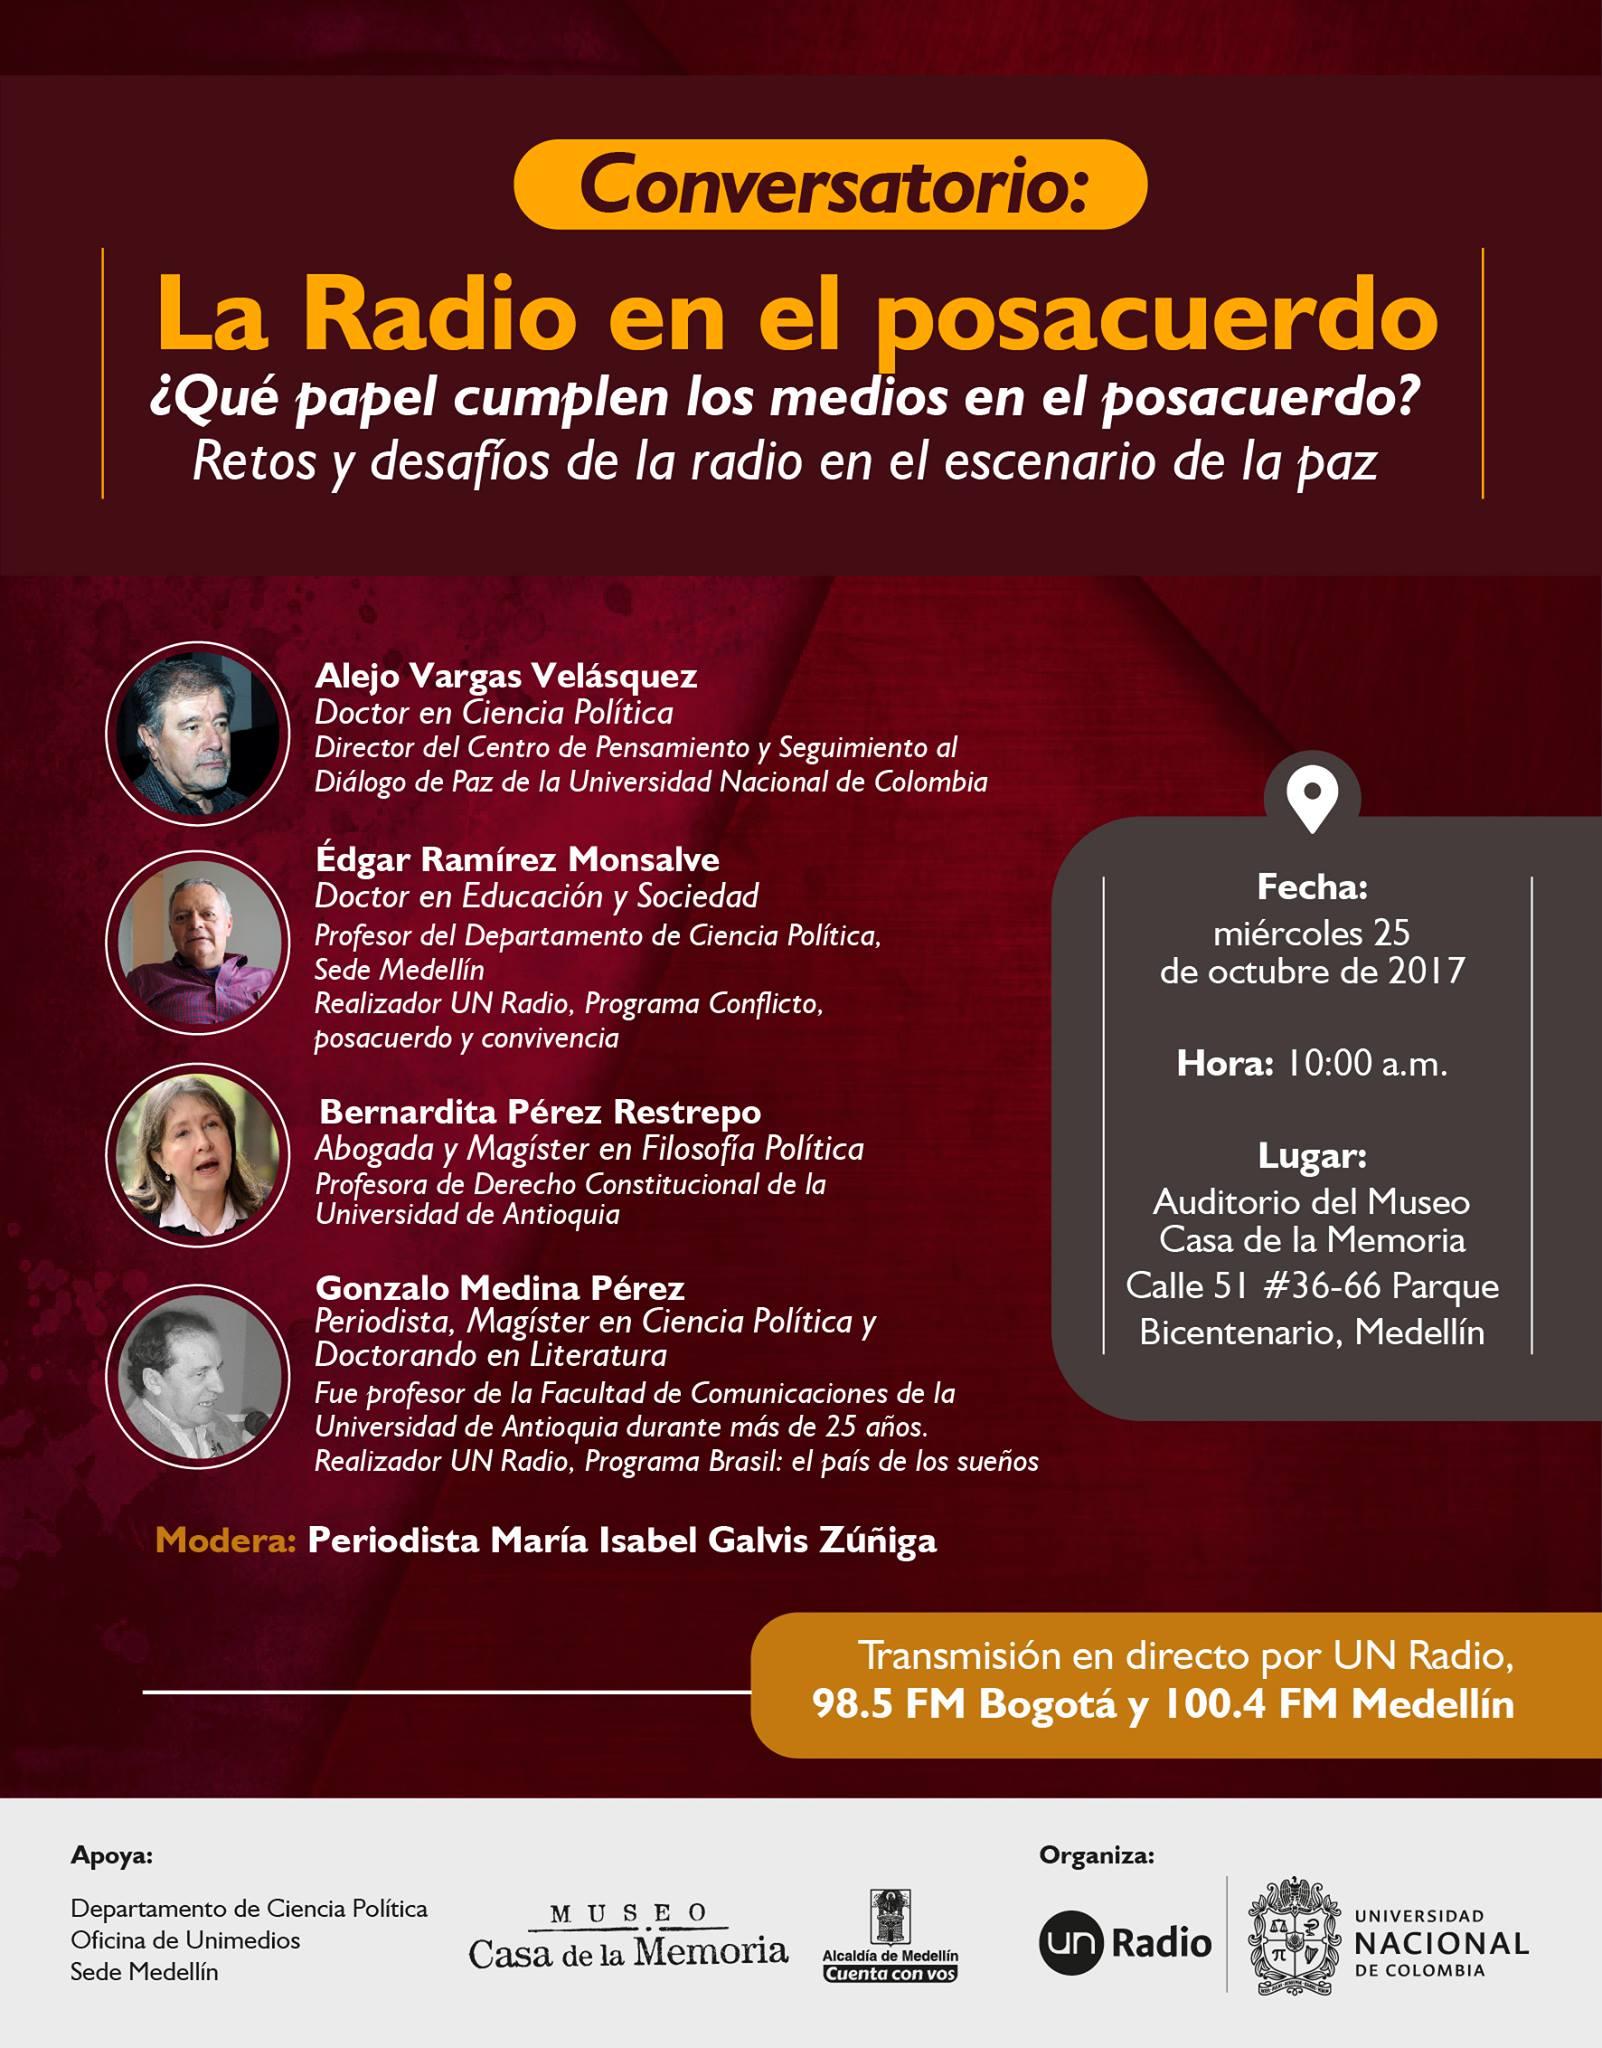 Conversatorio «La radio en el posacuerdo. ¿Qué papel cumplen los medios en el posacuerdo? Retos y desafíos en el escenario de la paz»